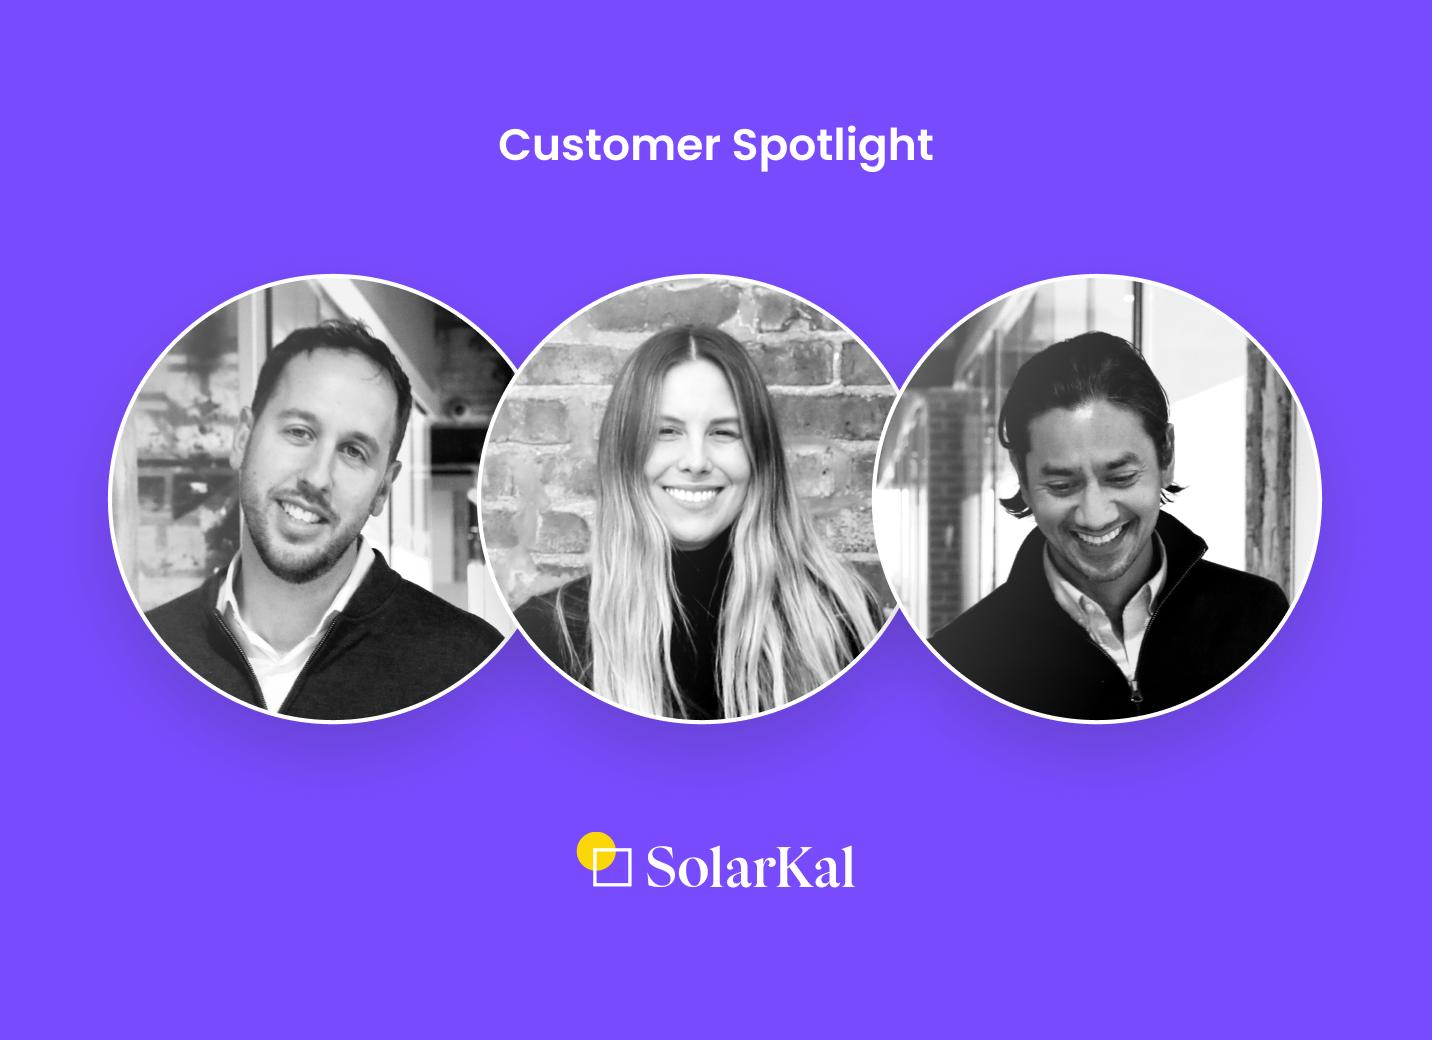 Customer Spotlight: SolarKal smooths the transition to solar energy